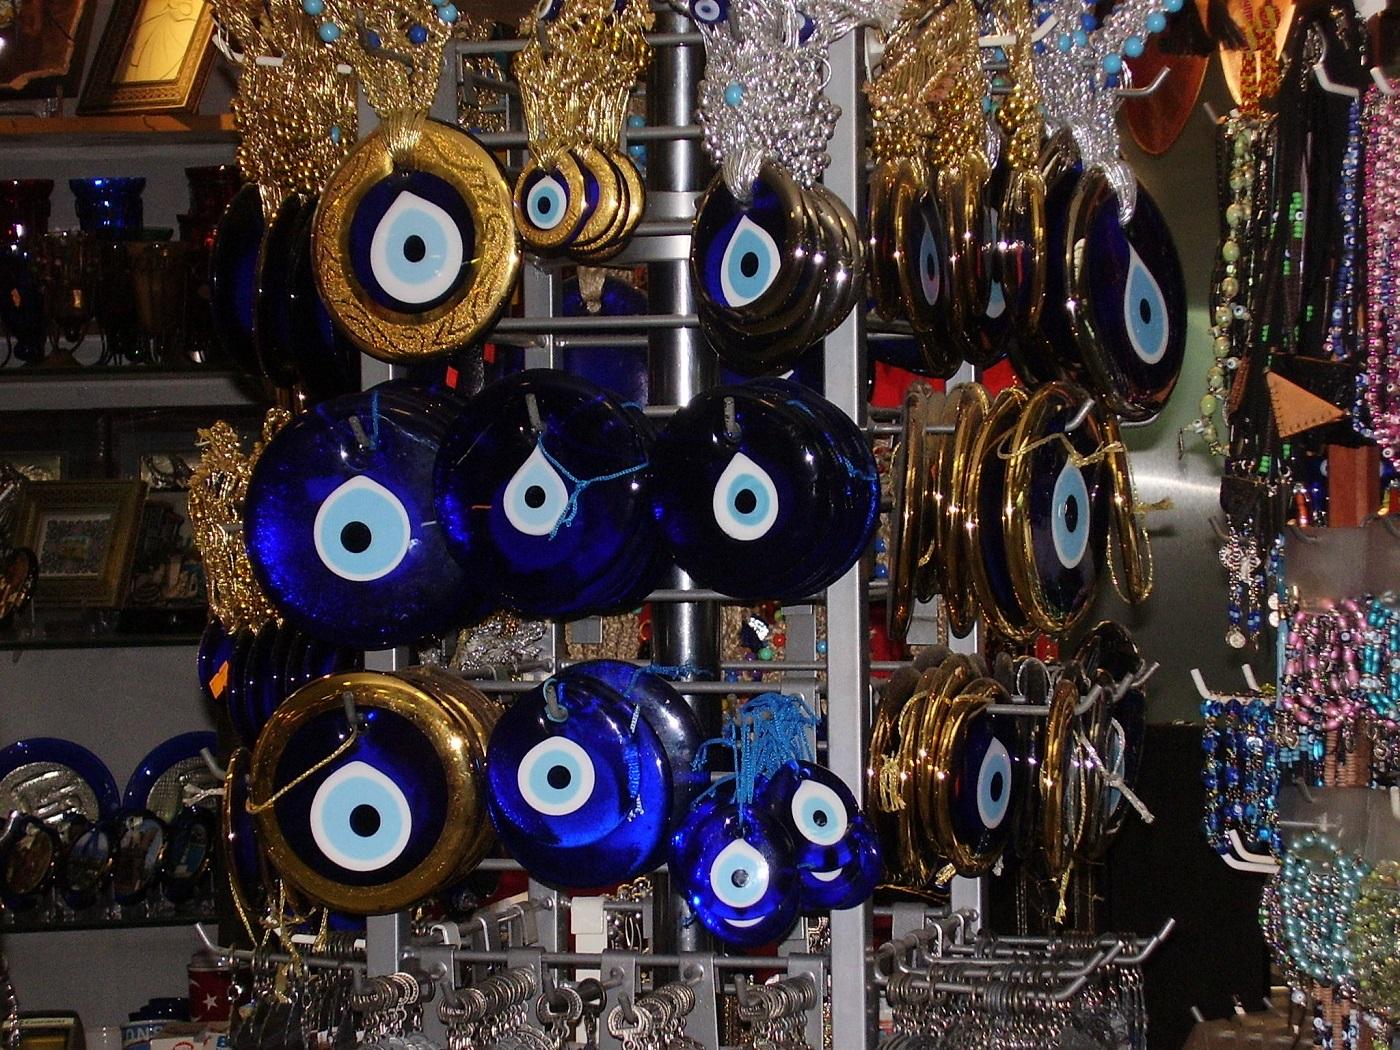 Blue_eyes.JPG